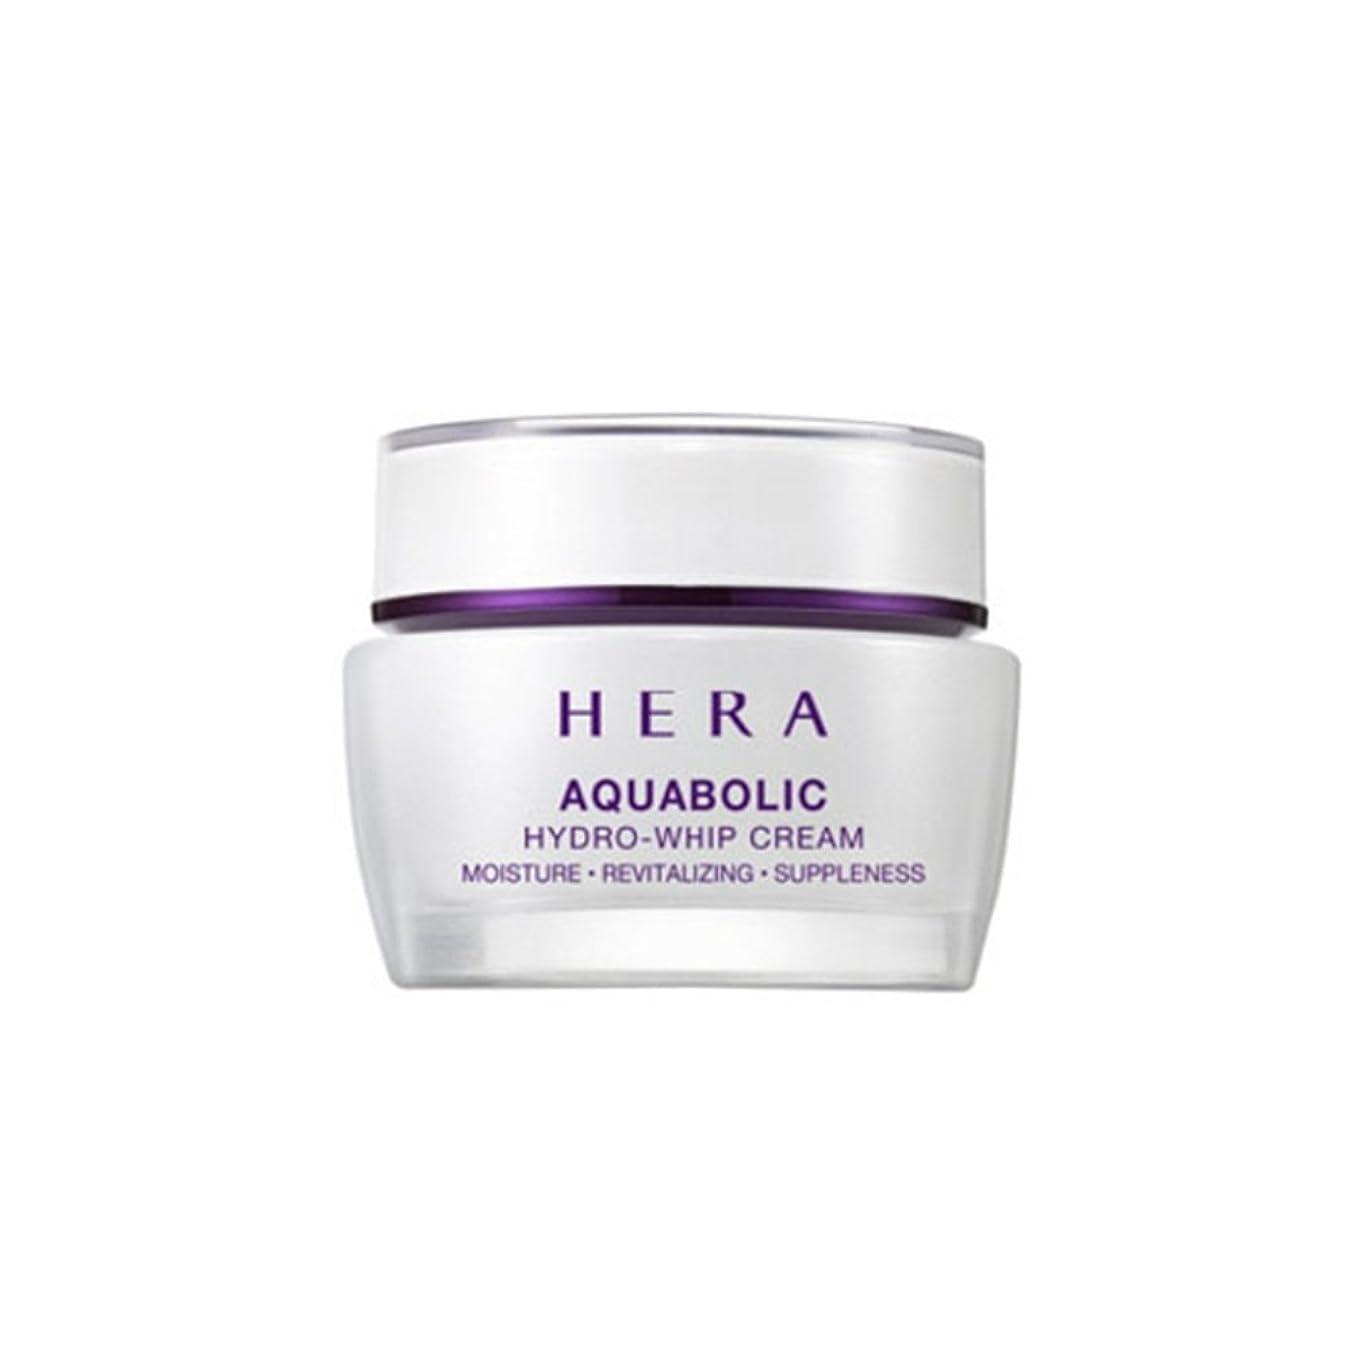 餌翻訳するラビリンス(ヘラ) HERA Aquabolic Hydro-Whip Cream アクアボリックハイドロホイップ クリーム (韓国直発送) oopspanda